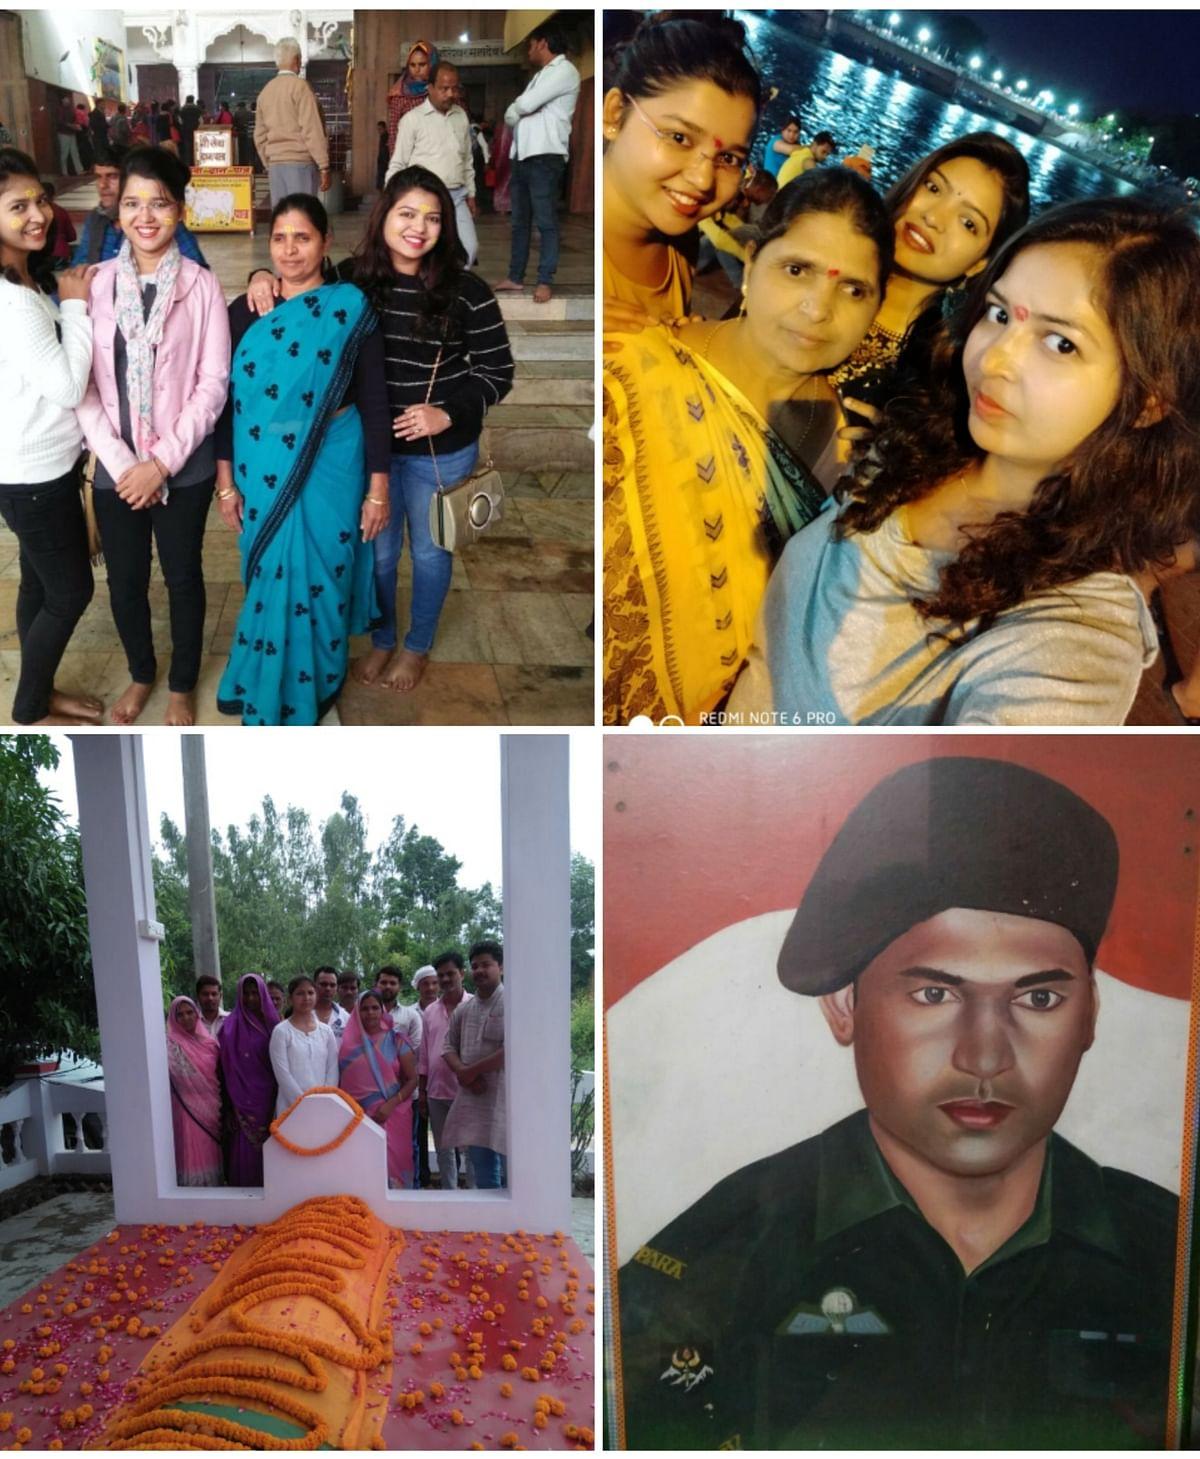 कारगिल दिवस: दुश्मनों के छक्के छुड़ा दिया था शहीद मानसिंह यादव